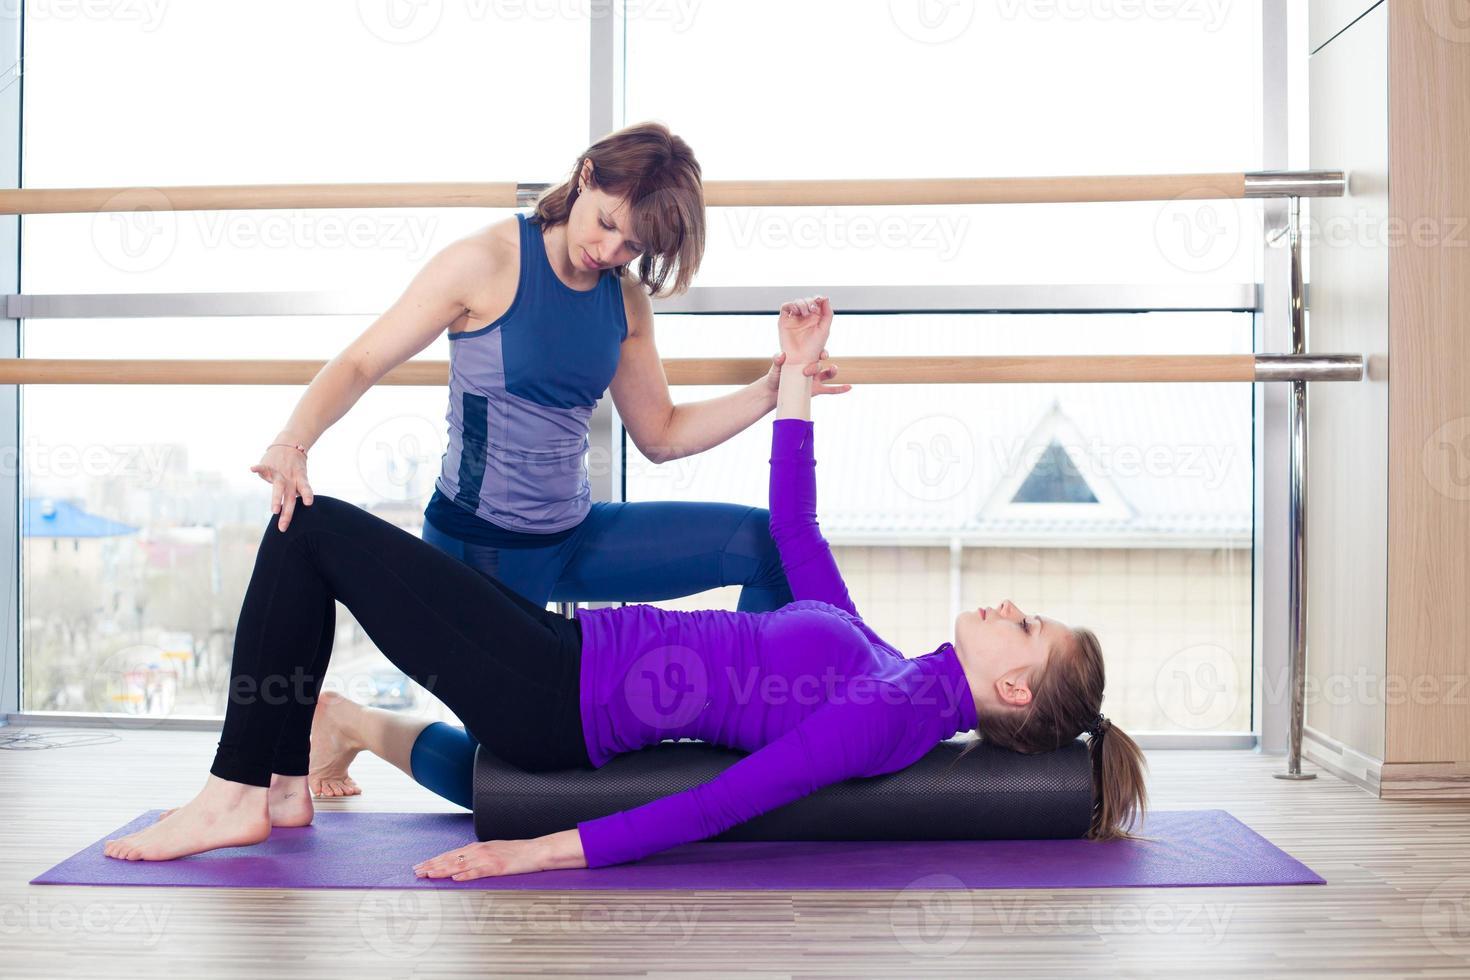 aeróbica, pilates, personal trainer, ajudando mulheres, grupo, em, um, ginásio foto